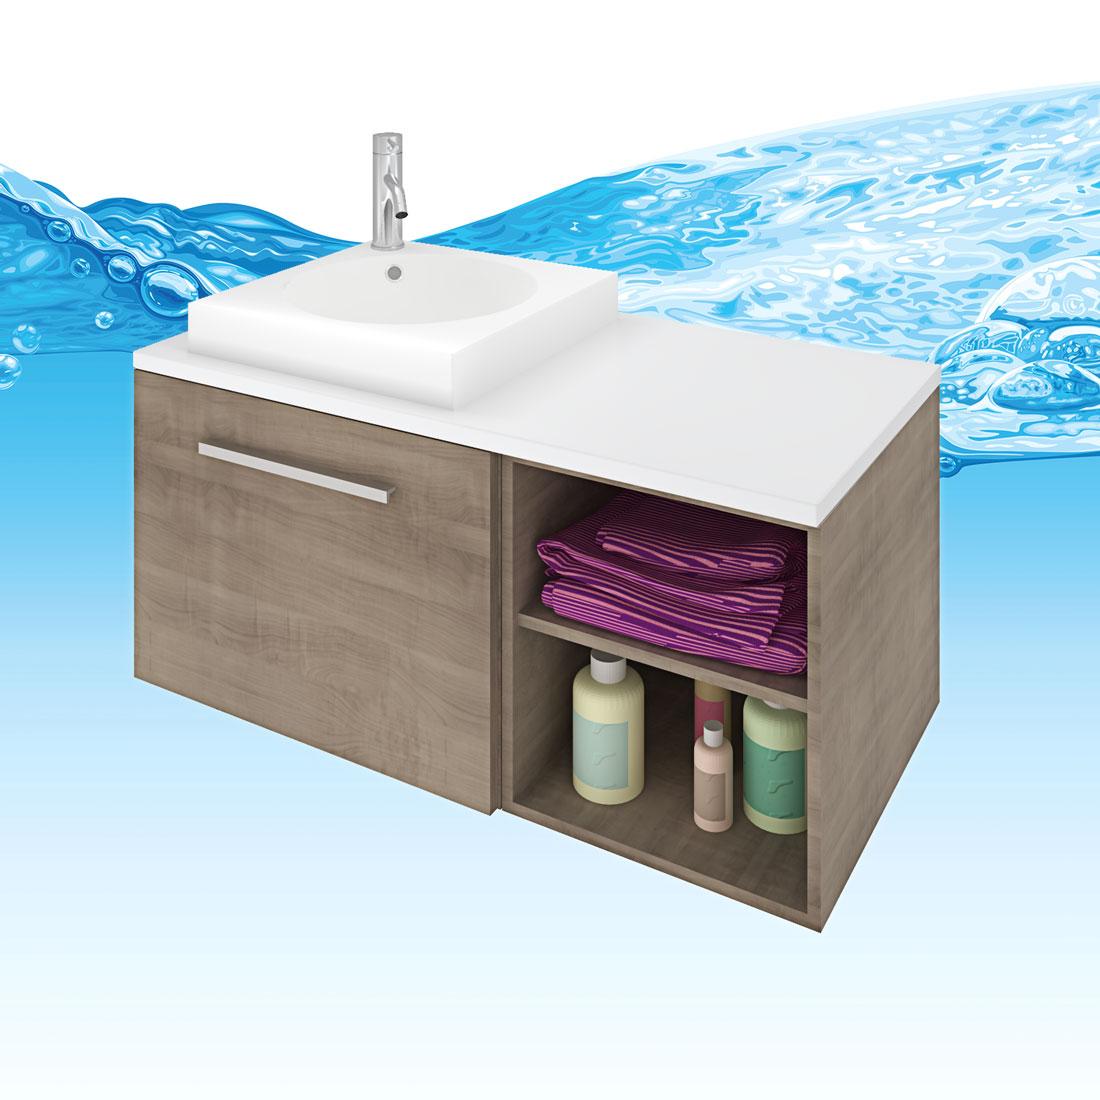 Waschtisch mit waschbecken unterschrank city 203 100cm for Unterschrank waschbecken